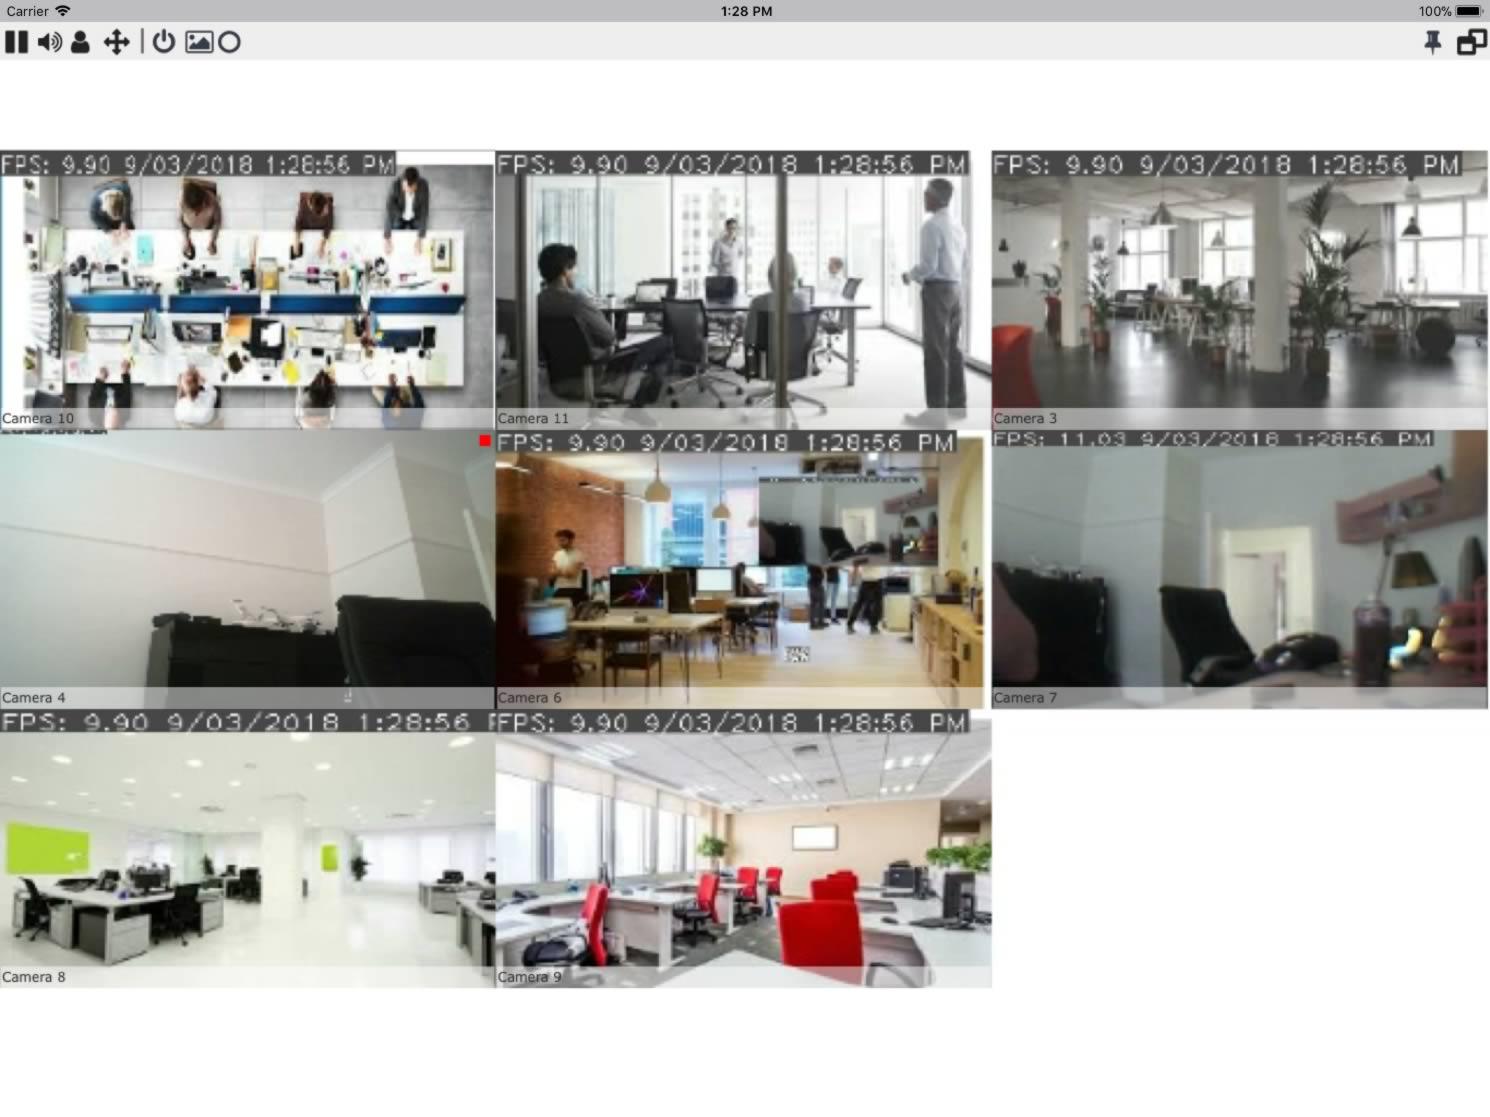 Instalação e visualização remota de imagens dvr client youtube.